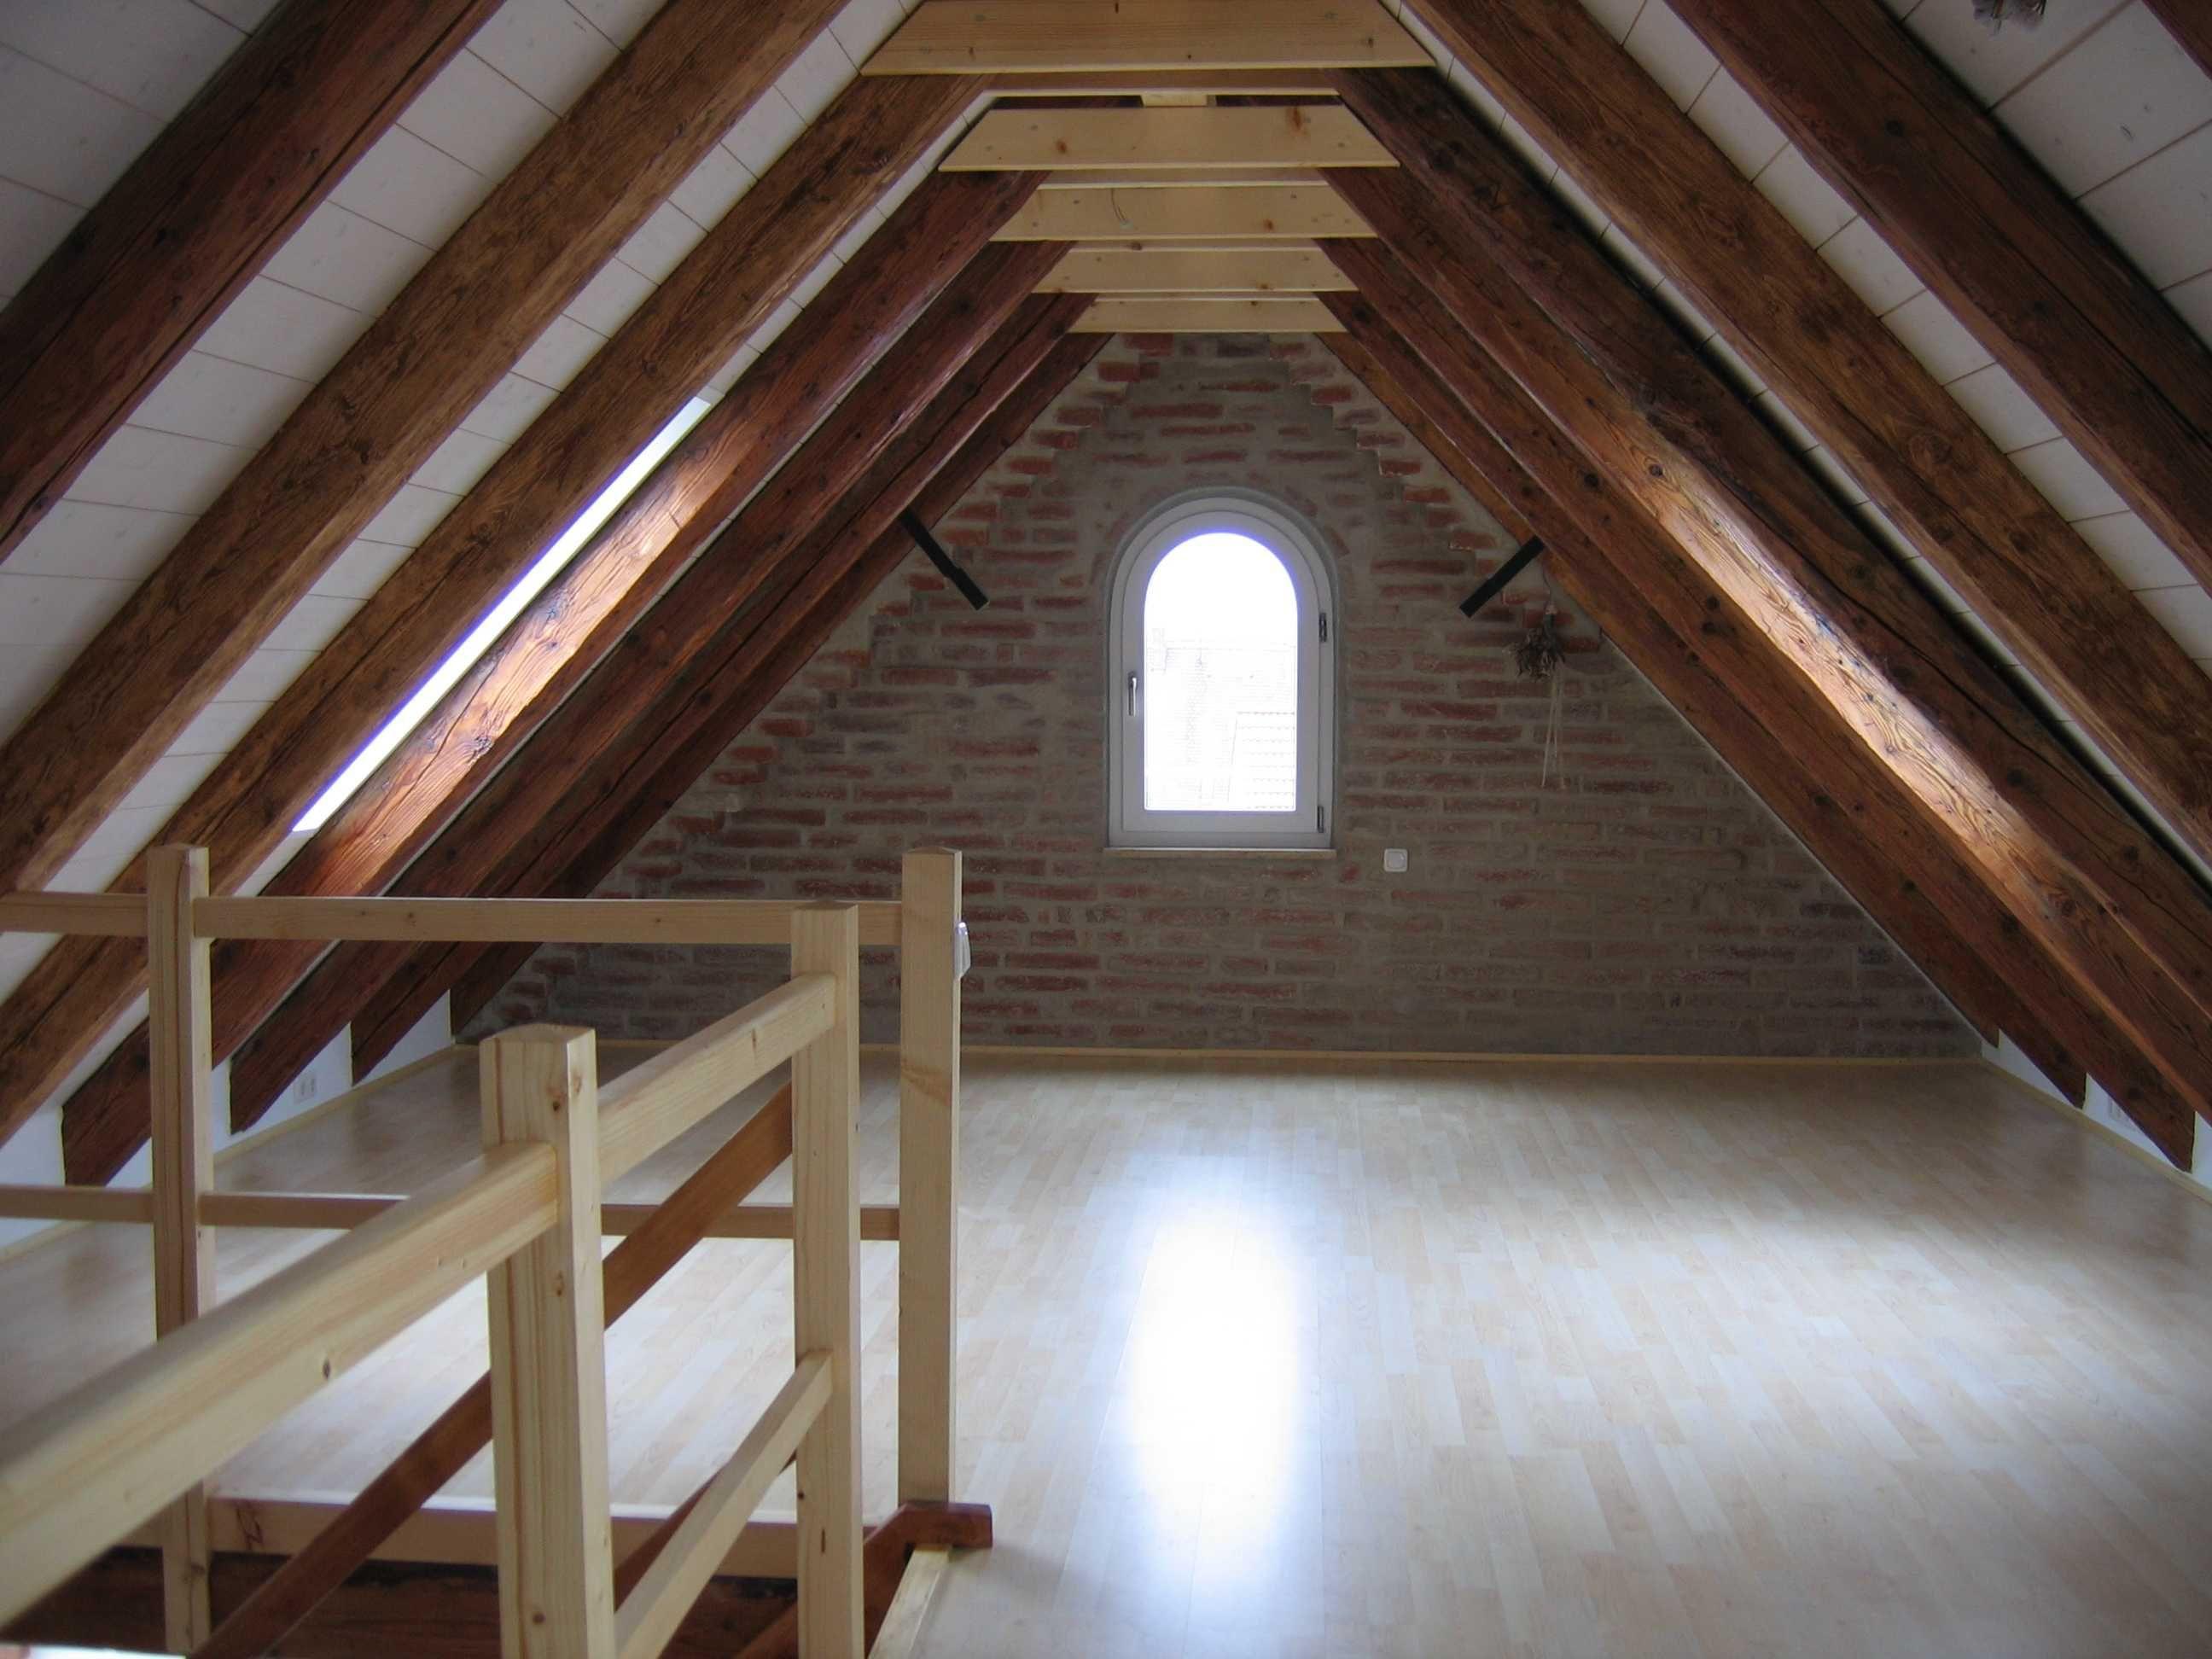 dachgeschossausbau bild 4 ausgebauter dachspitz offen durch die freigelegten balken und den. Black Bedroom Furniture Sets. Home Design Ideas